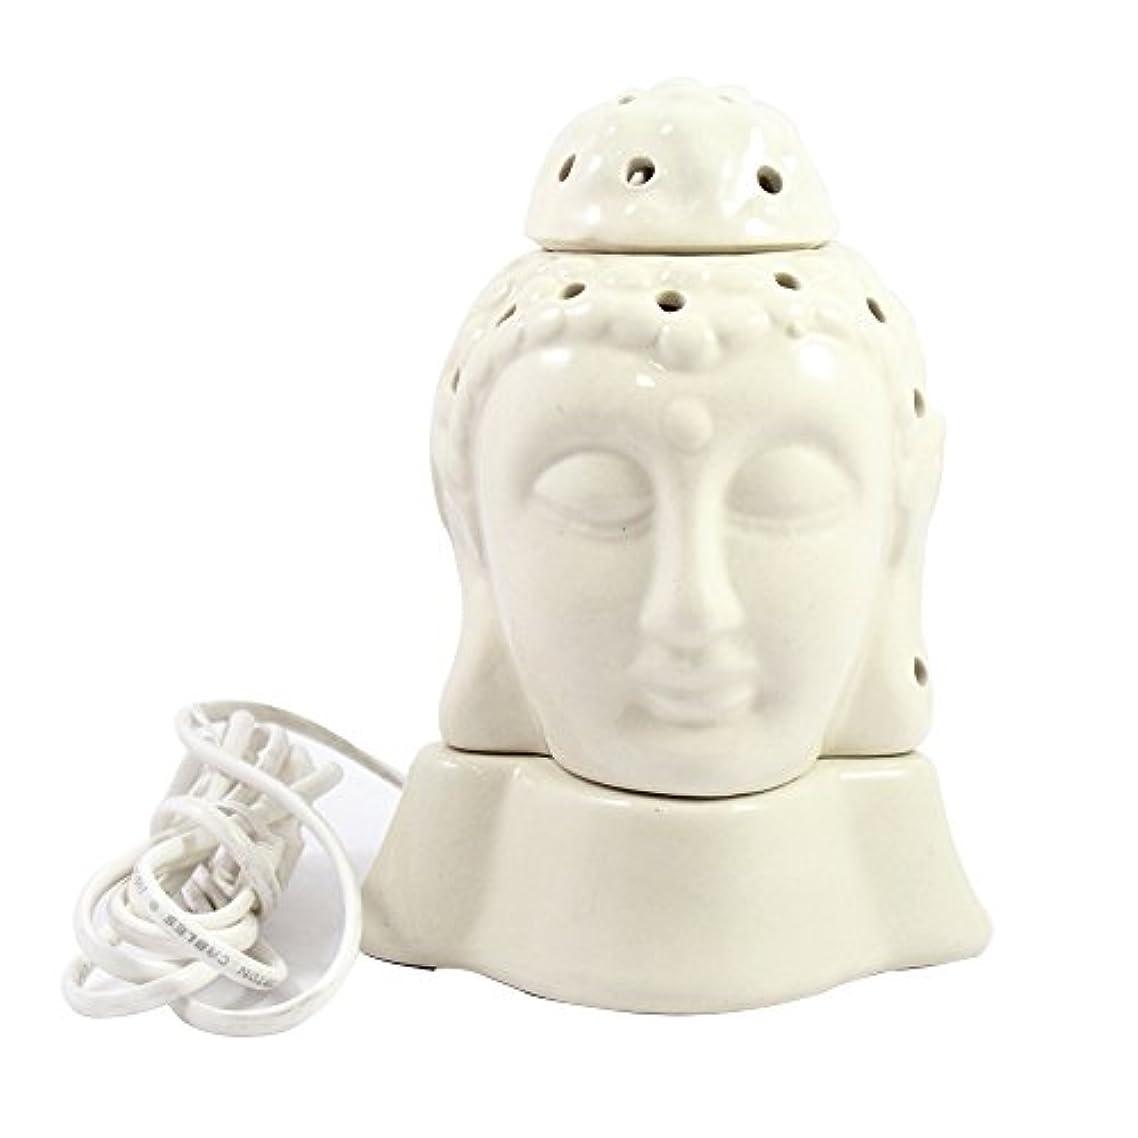 観客道徳ブロッサムGautama Buddha電気アロマオイルバーナー&ティーライトランプ/良質ホワイトカラー数量1 /汚染無料手作りセラミック主仏電気T - ライトランプ&香油ディフューザー